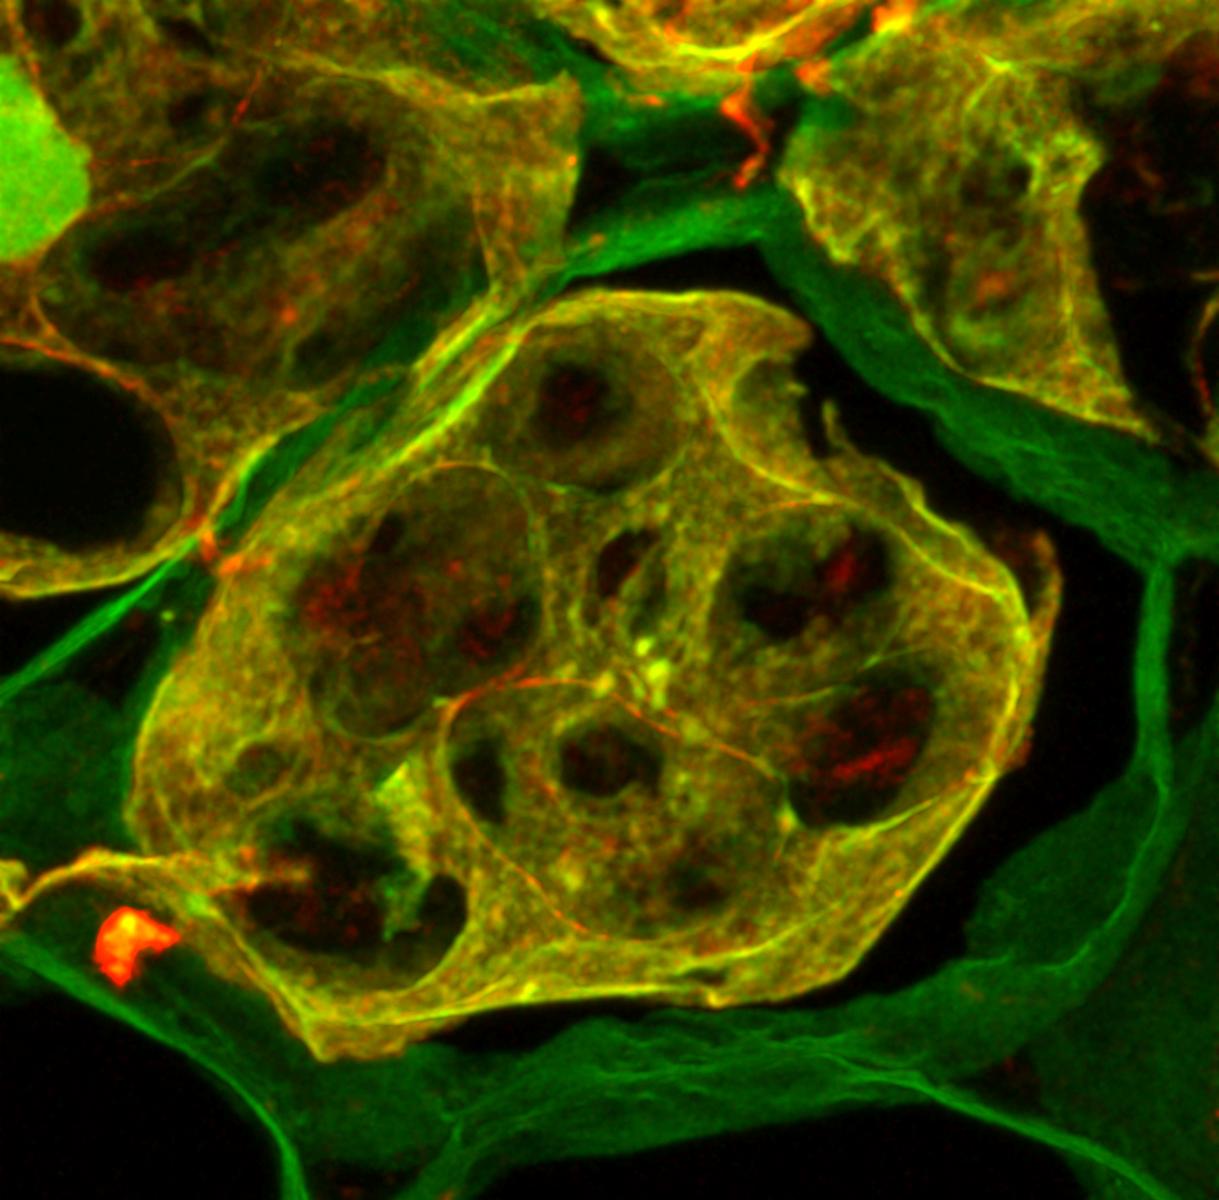 Колокализация сигнала антител против вицилина (красный) с амилоид-специфичным красителем тиофлавином-Т (зеленый) на криосрезах семян гороха. Колокализация показана желтым цветом. Источник: Antonets et al., PLOS Biology, 2020